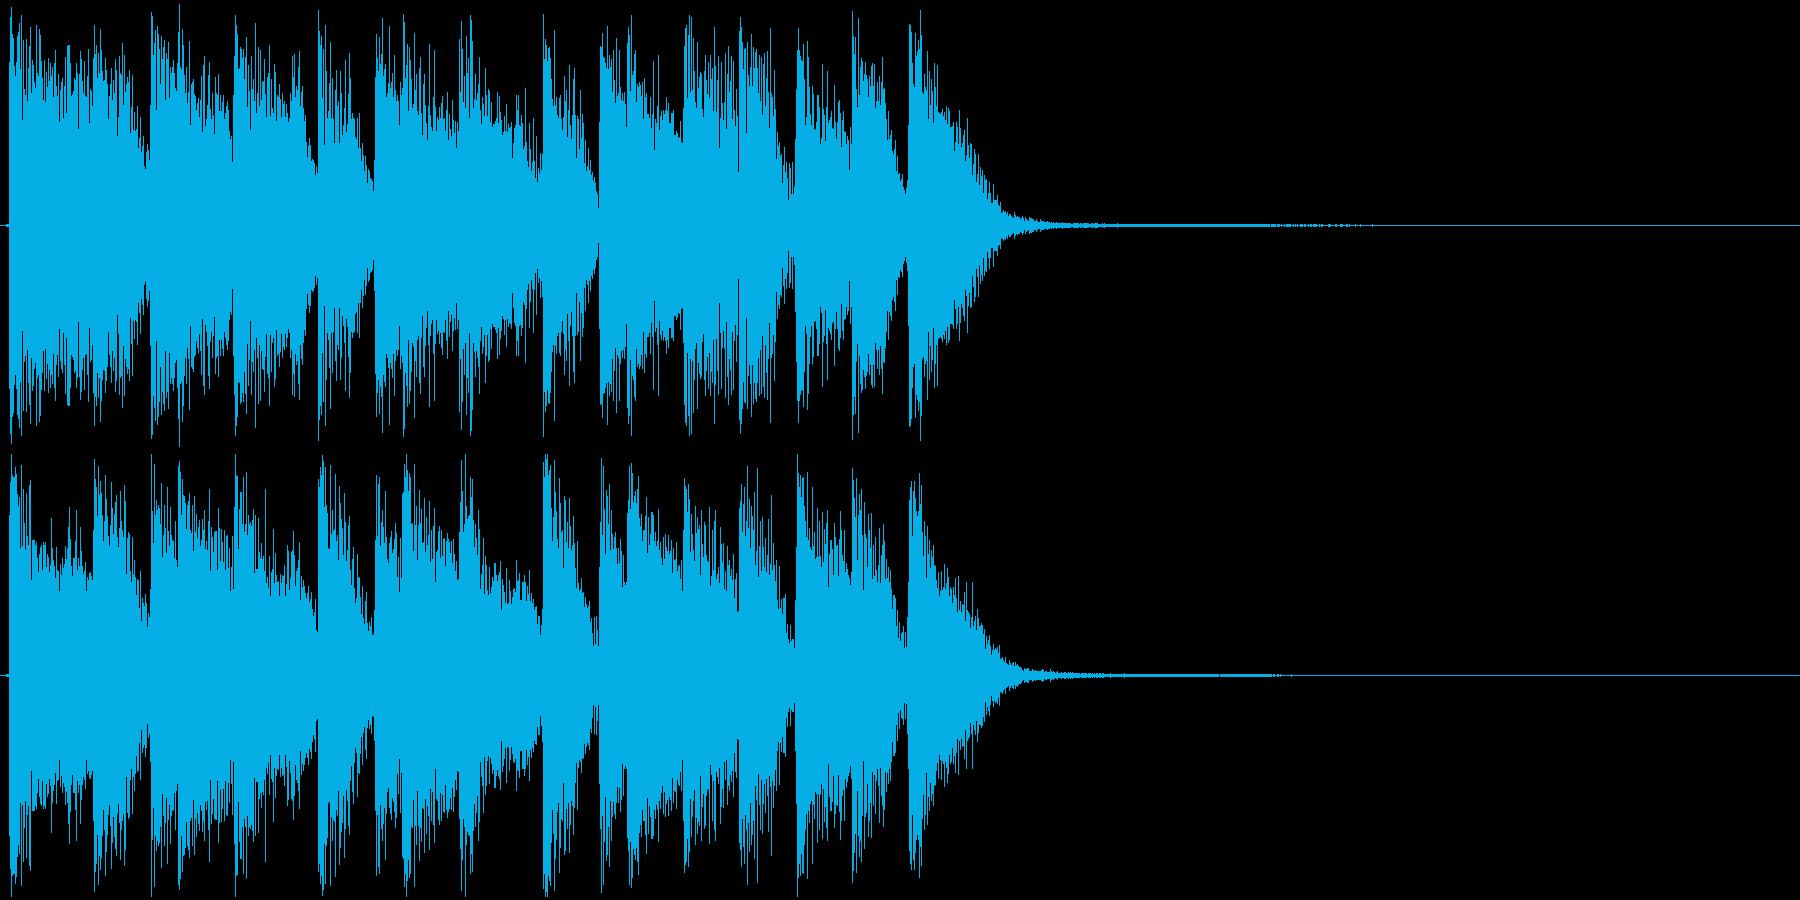 アイキャッチ・ピアノ・ジャズロックの再生済みの波形